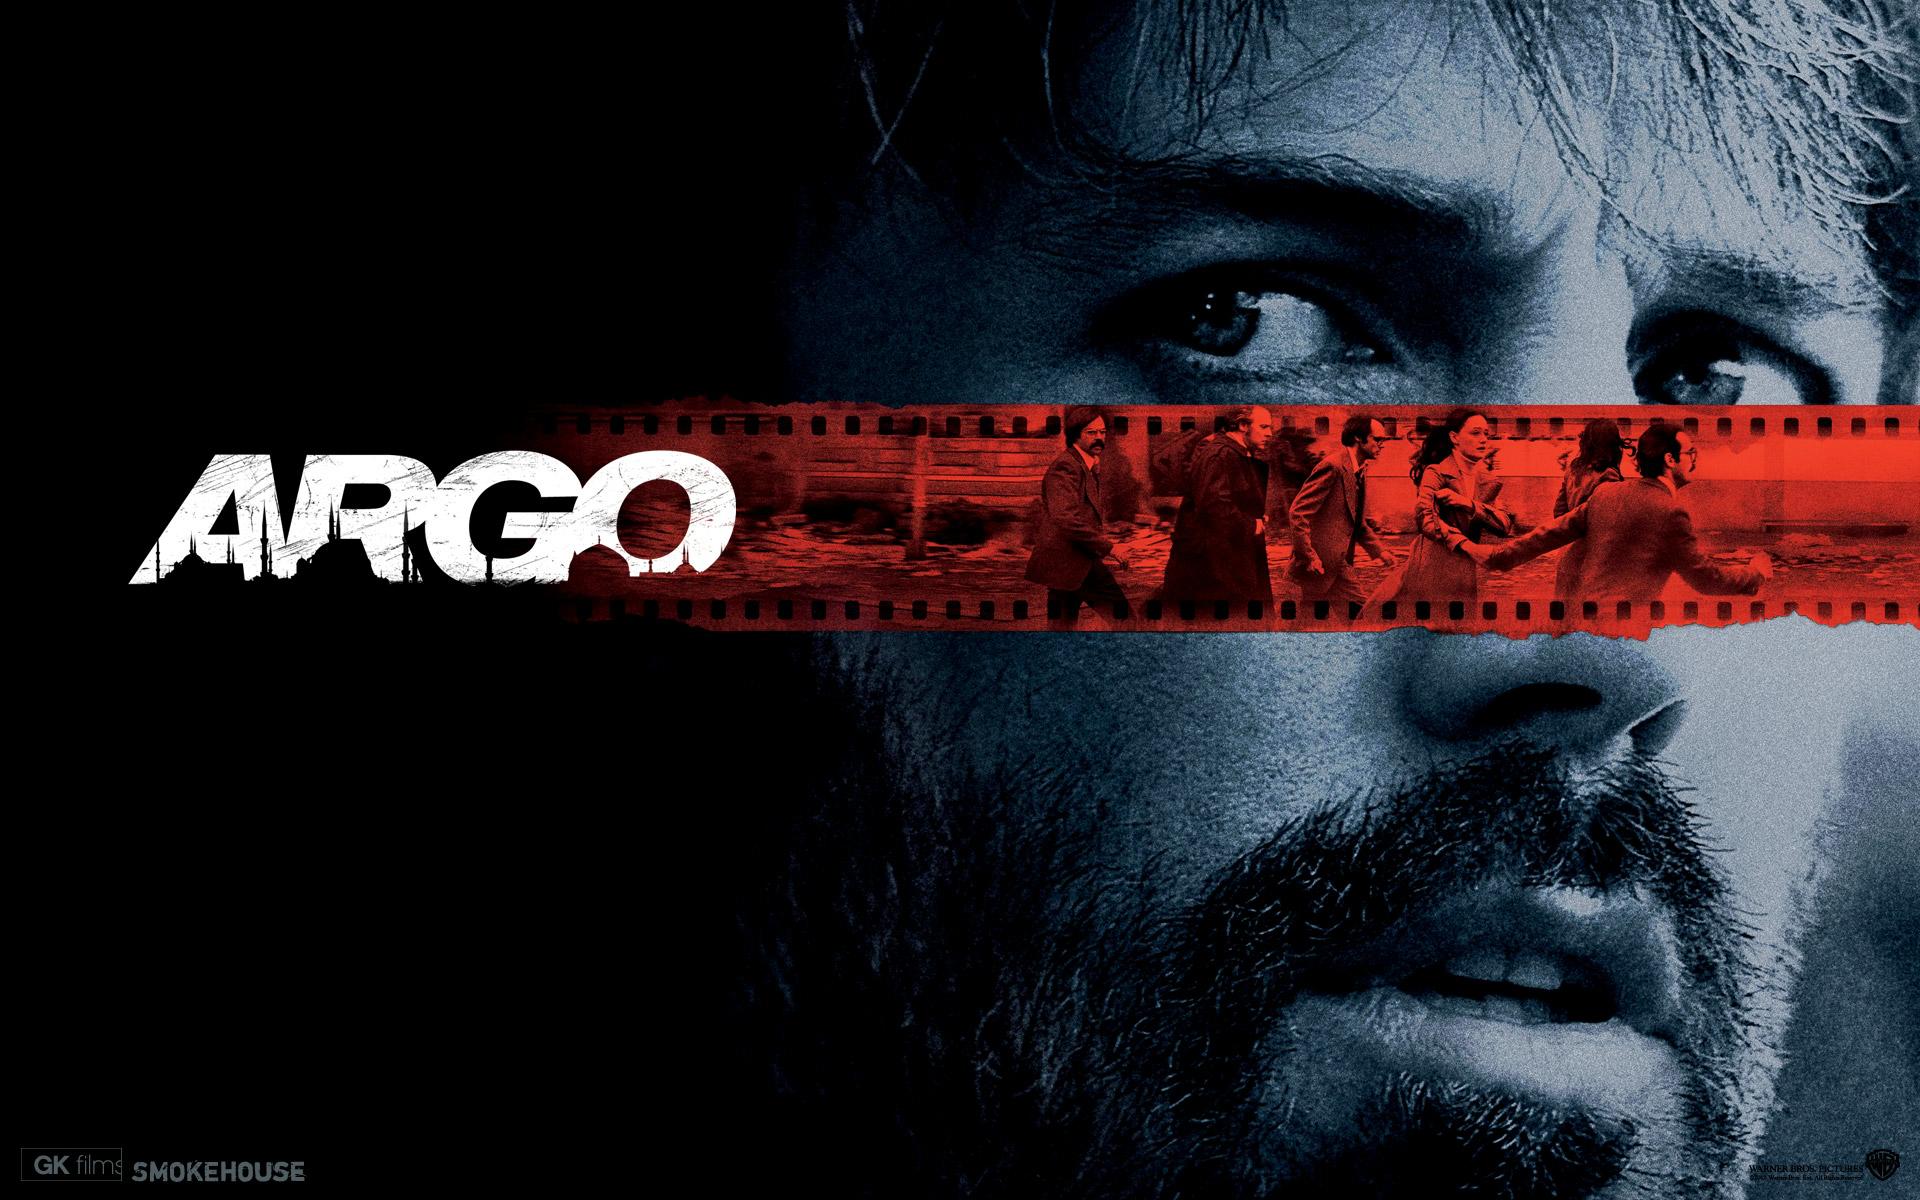 argo-film-poster-featured